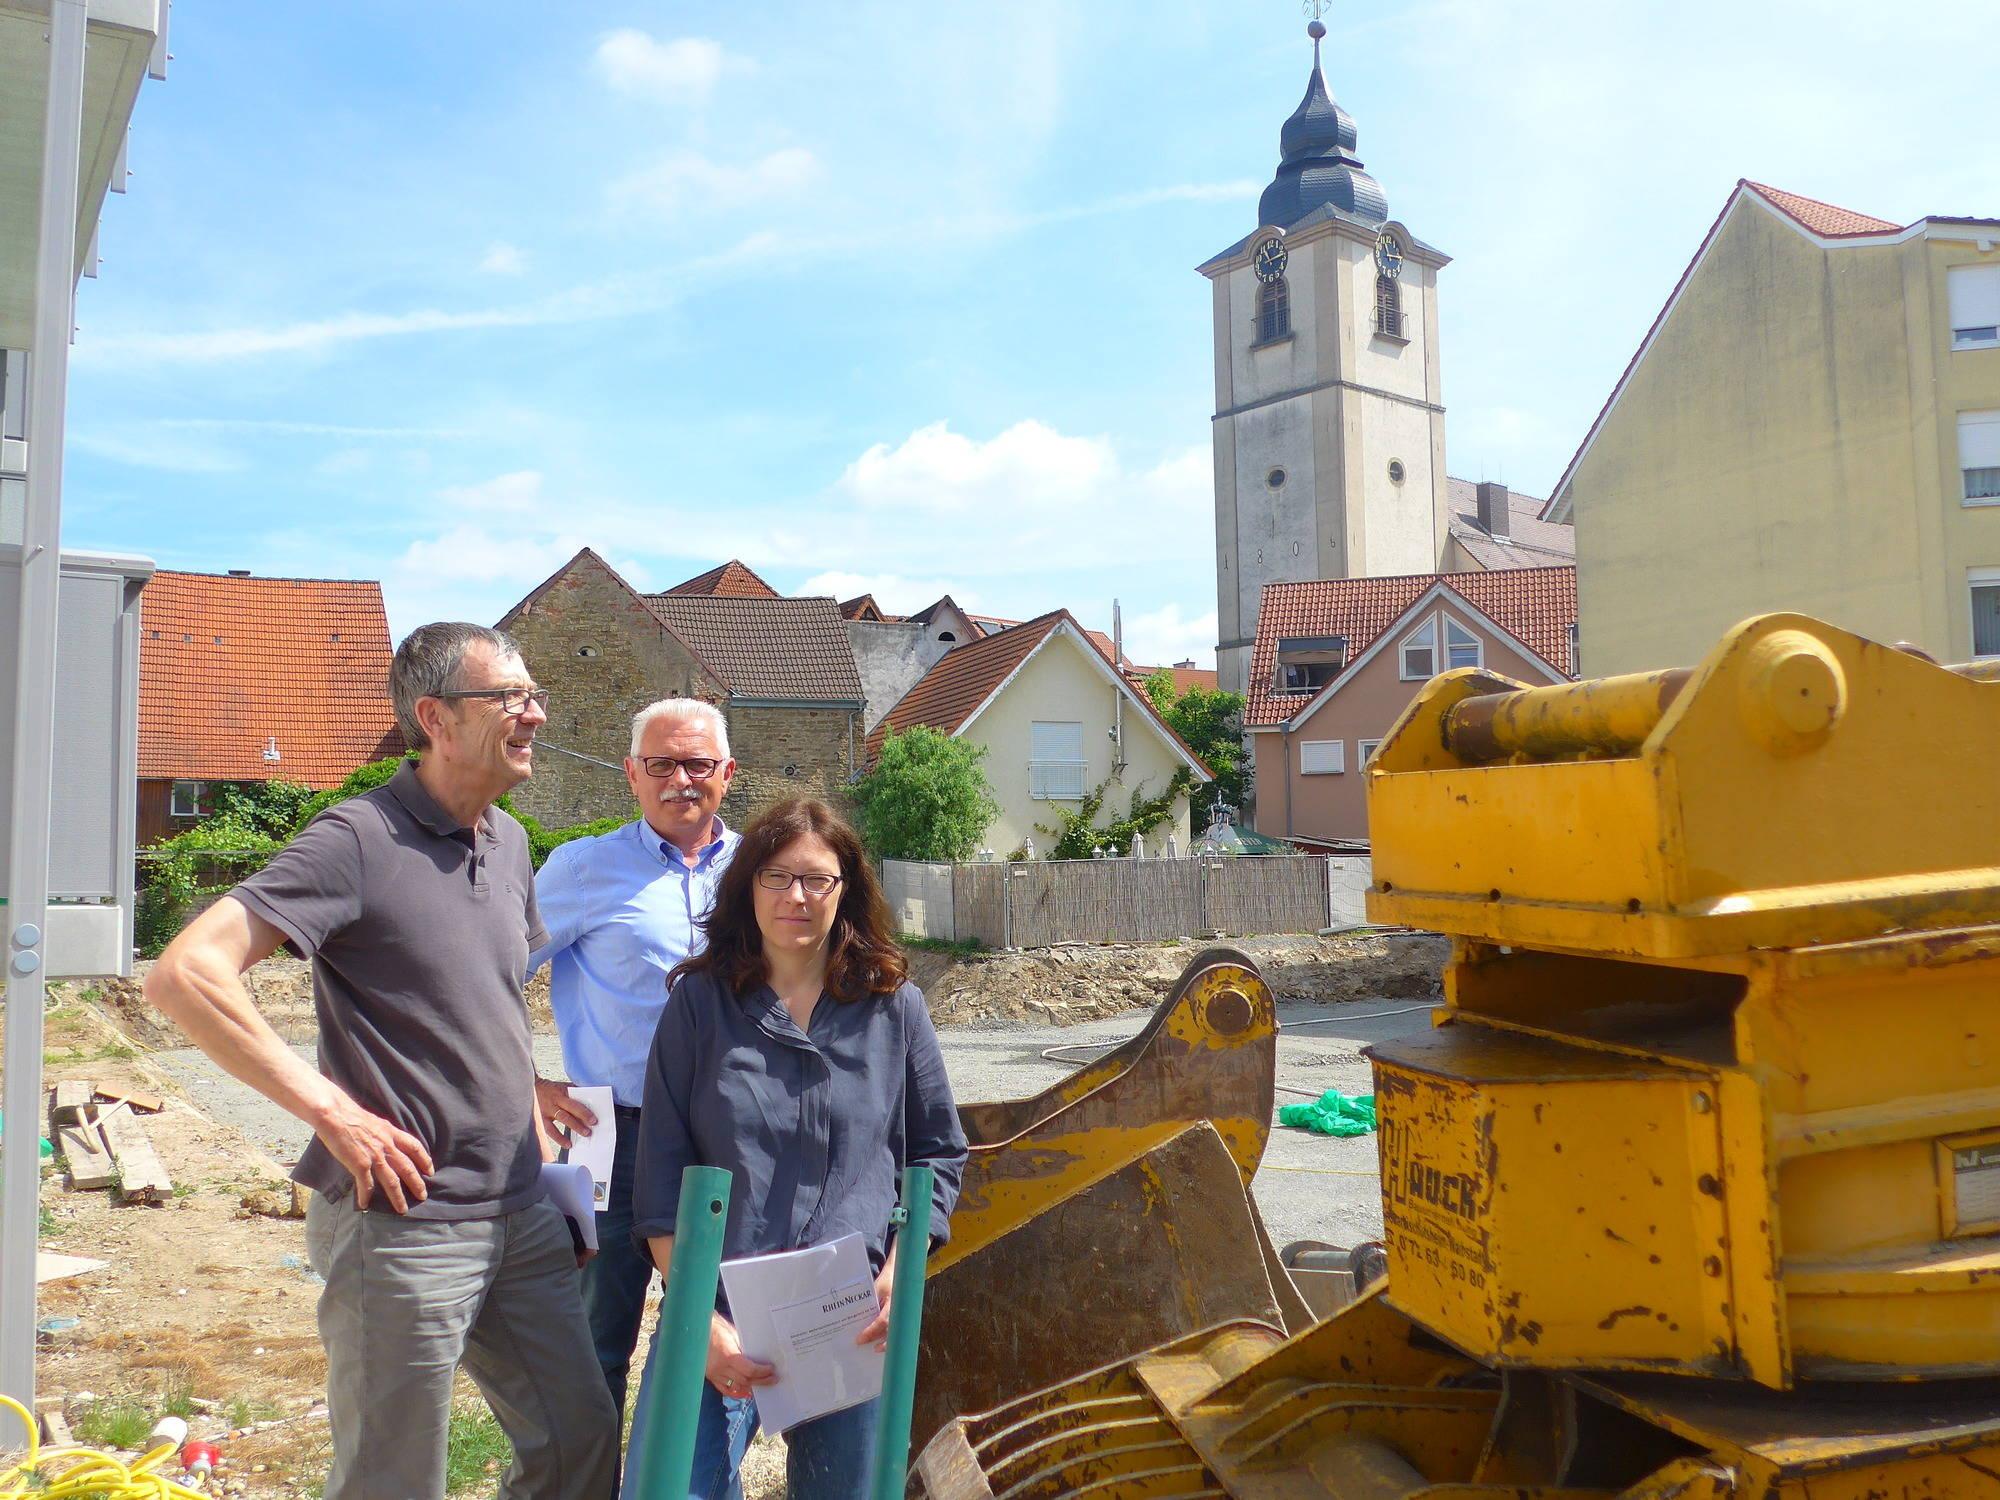 Bauprojekte in Sinsheim: Gibt es auch bezahlbaren Wohnraum ...